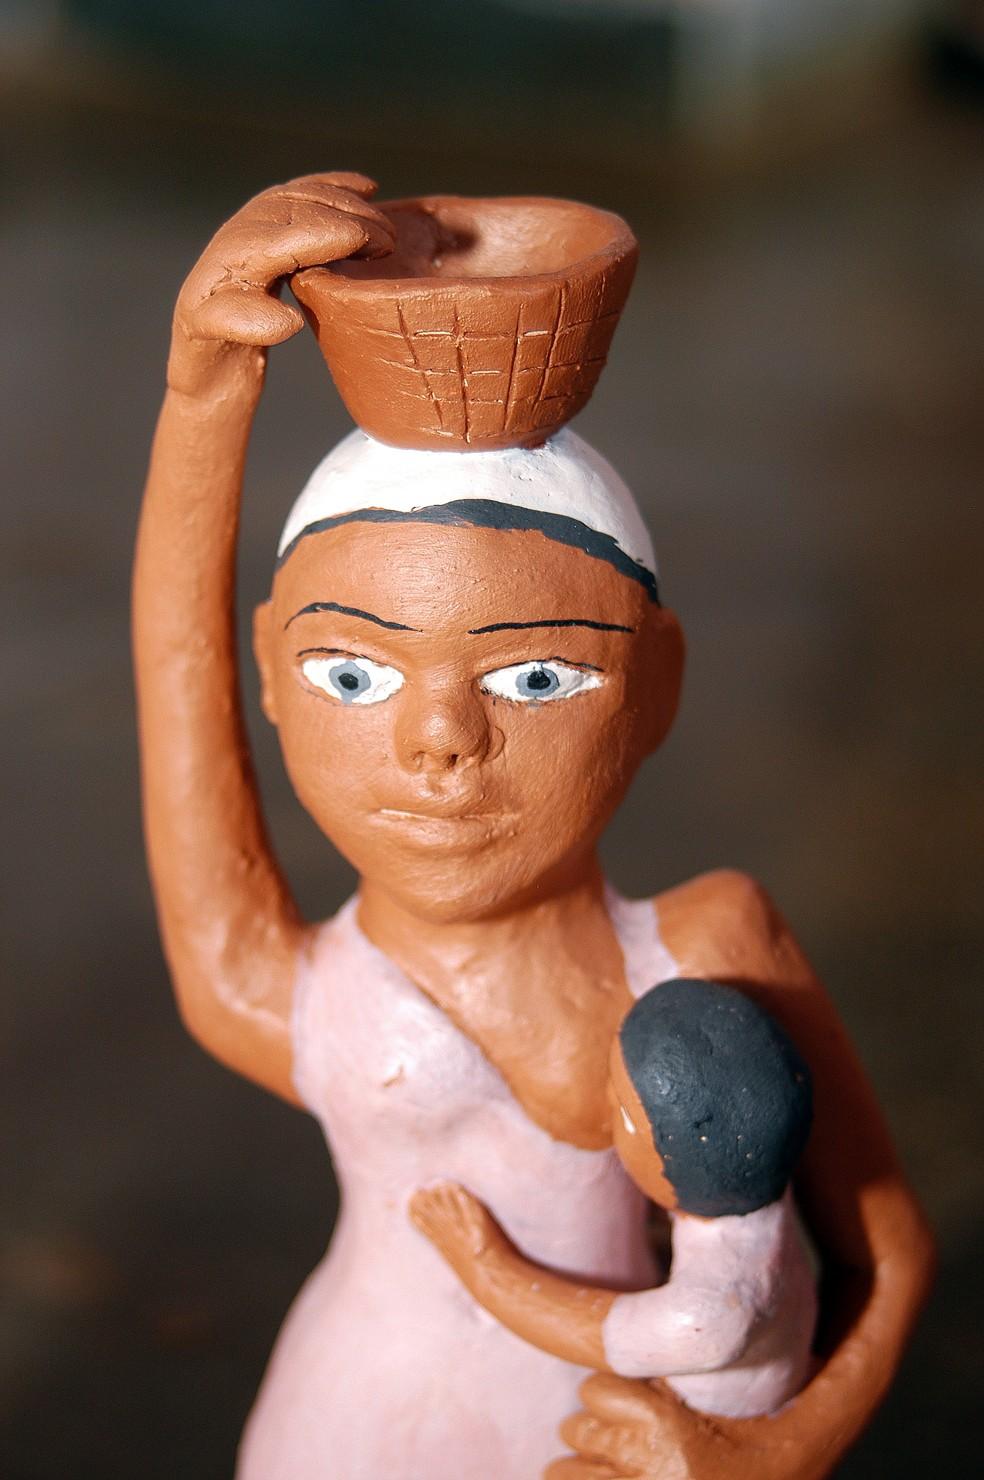 Peças em cerâmica serão expostas em feira de artesanato, em Diamantina — Foto: Sebrae/Divulgação